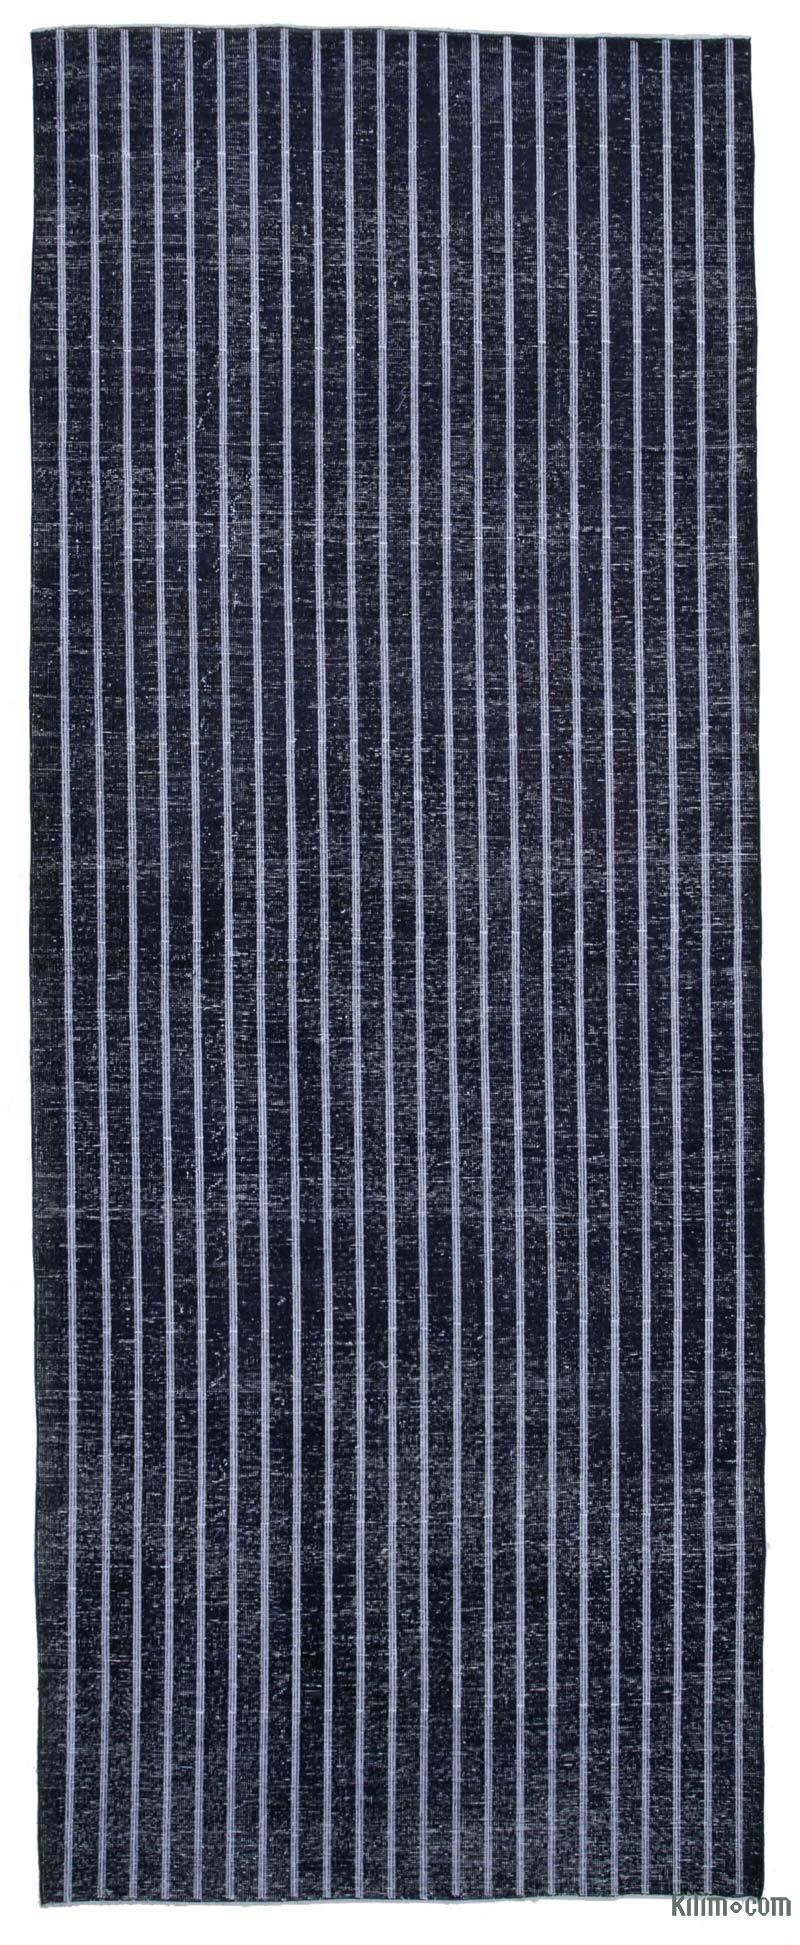 Siyah İşlemeli ve Boyalı El Dokuma Vintage Halı - 150 cm x 385 cm - K0038789